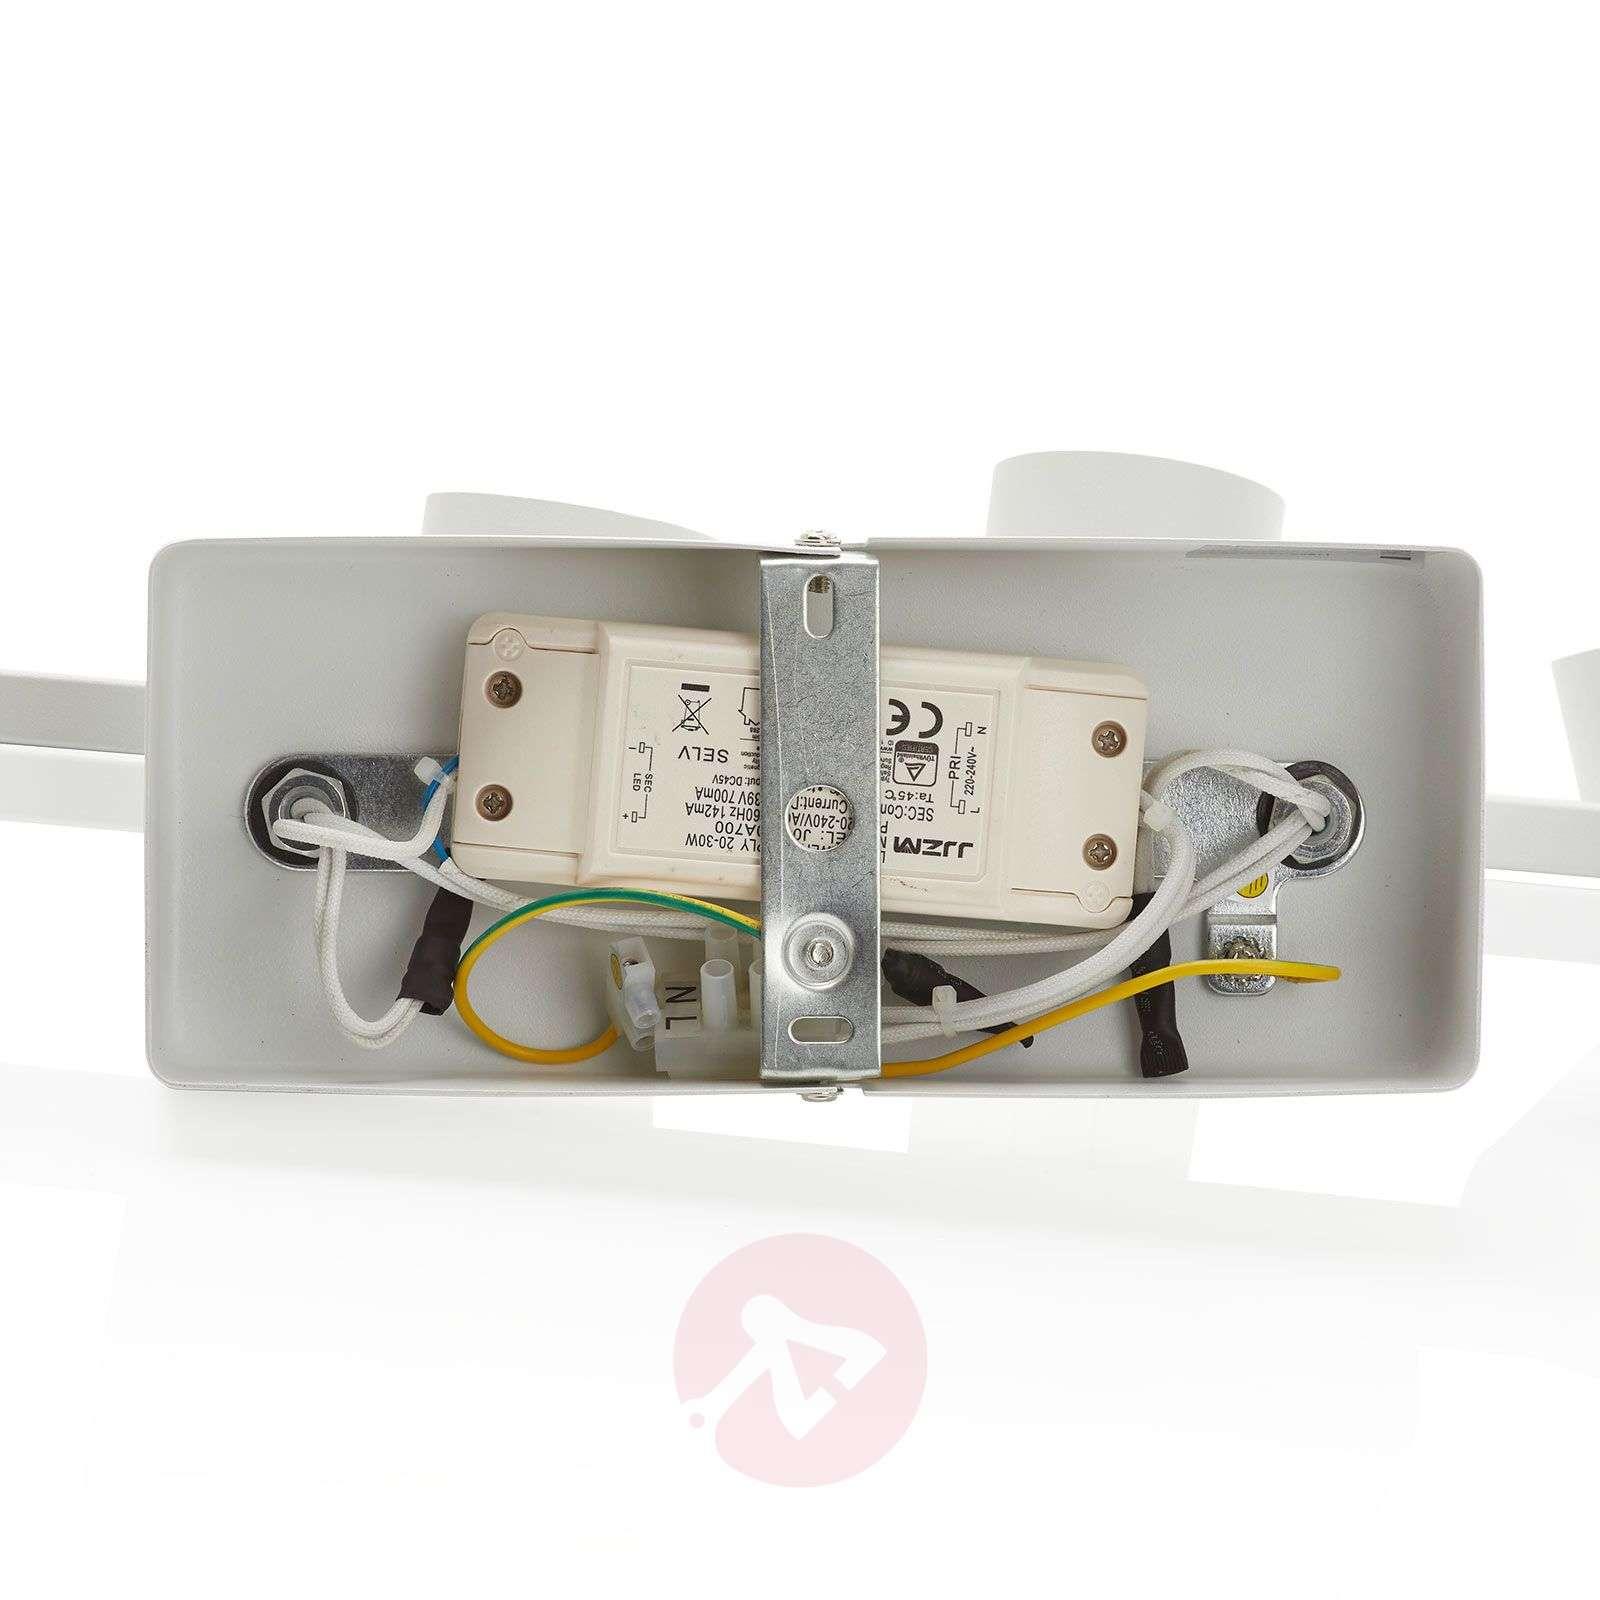 LED-kattokohdevalo Rinik, 4-lamppuinen, pitkä-8032195-01